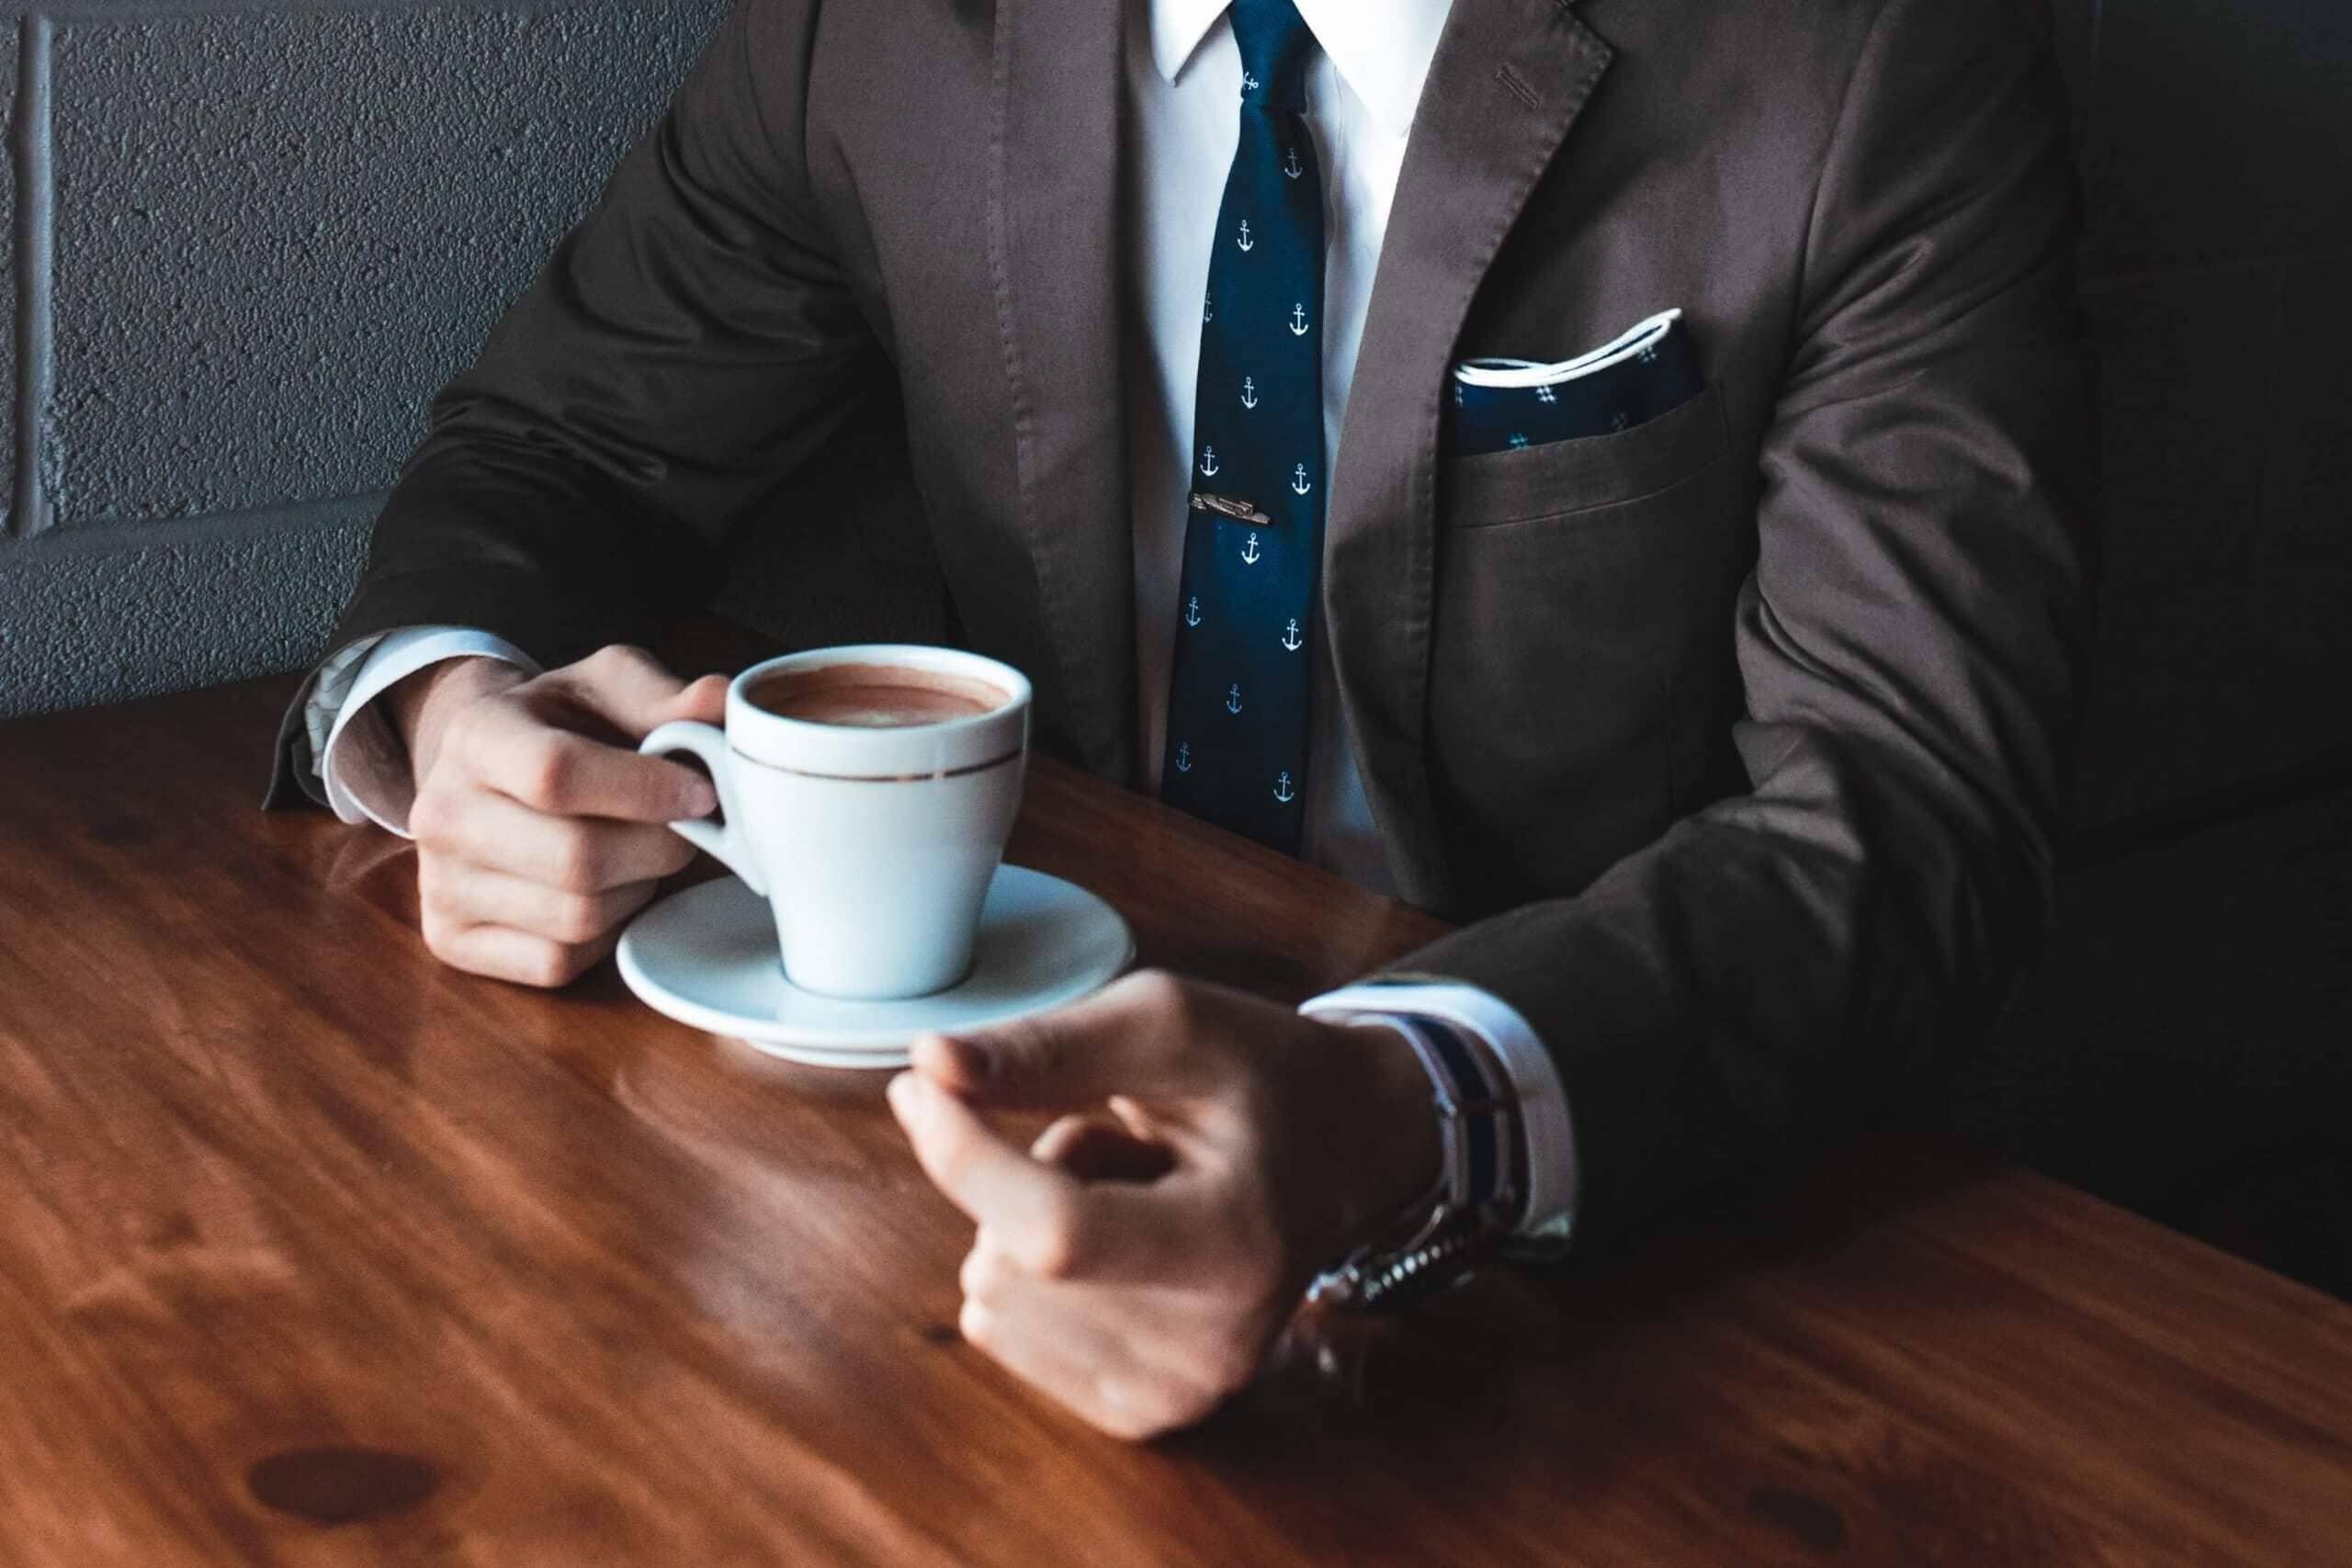 価格交渉・値引き交渉とは?値下げのコツ、プロが実践する3つのステップを解説